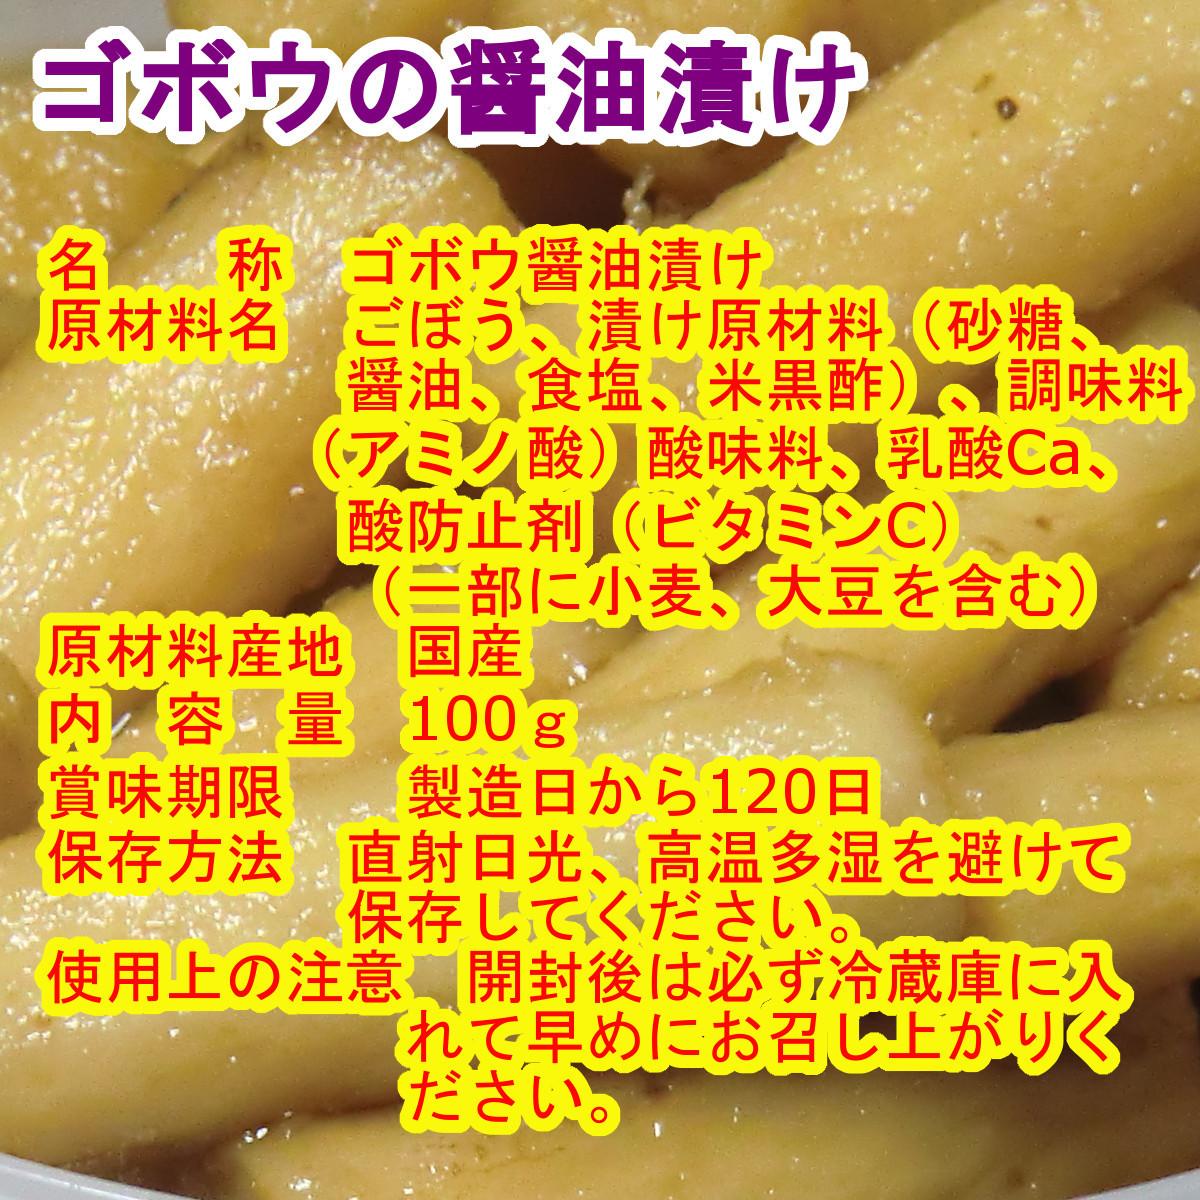 ゴボウの醤油漬け」20袋 ご飯のお供 宮崎県産ゴボウの漬物 おかず おつまみ お茶うけ 色んな料理の付合わせに 食べてスッキリ 送料無料 _画像6